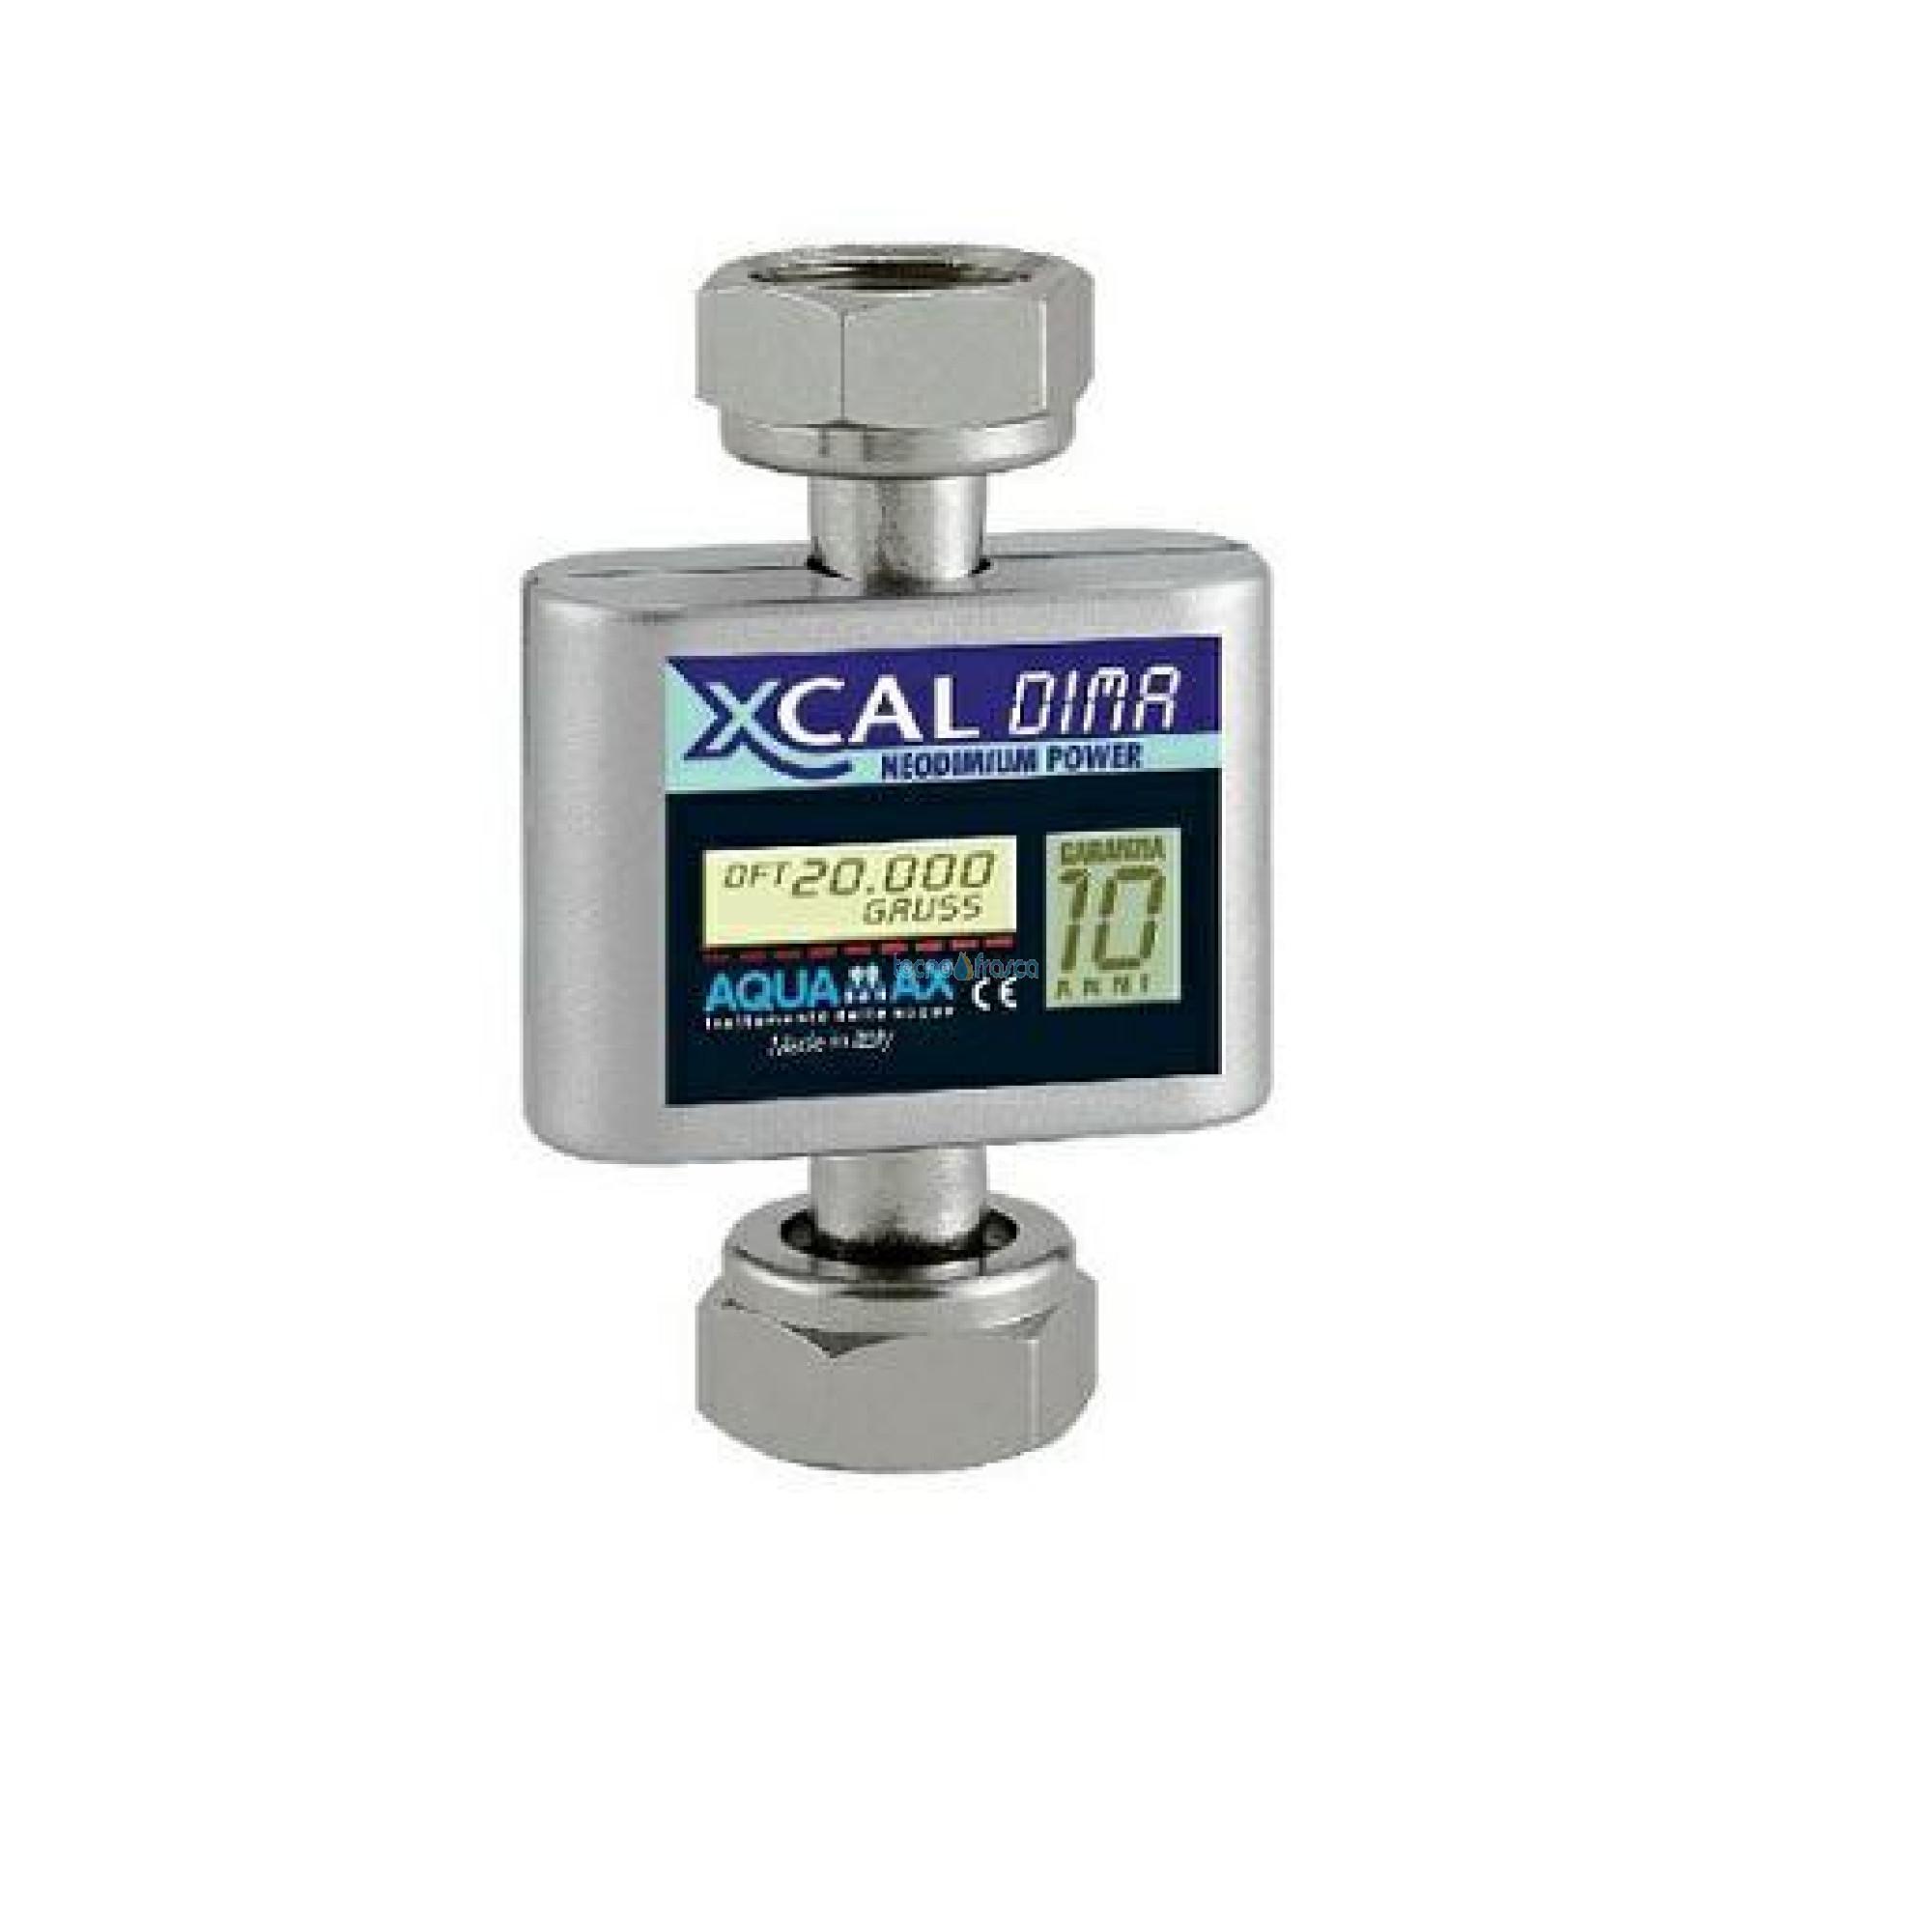 Anticalcare magnetico xcal dima 1/2-1/2 aquamax 10155010